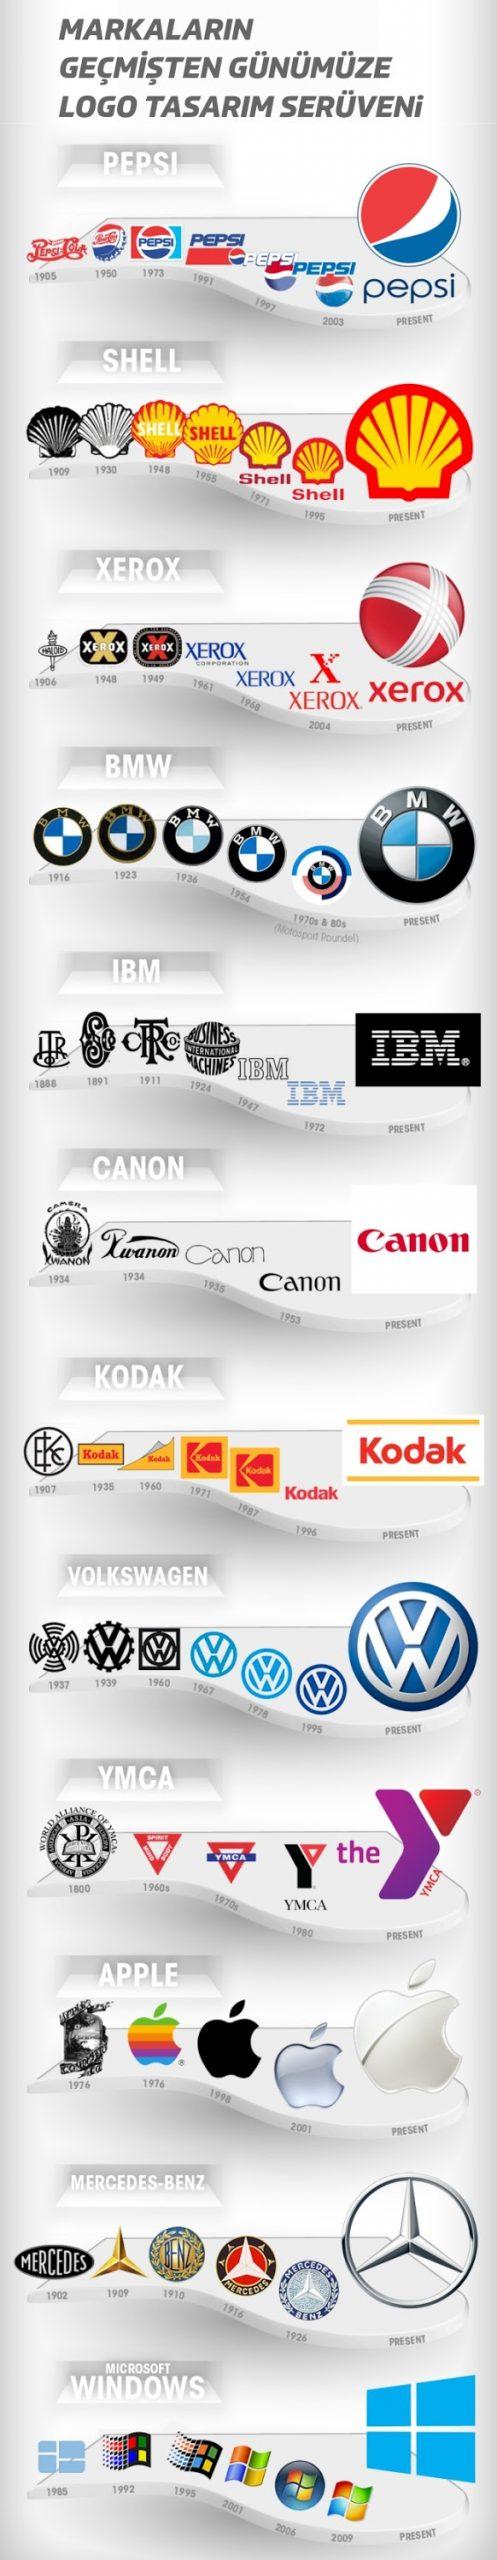 Büyük Markaların Logo Tasarım Geçmişi